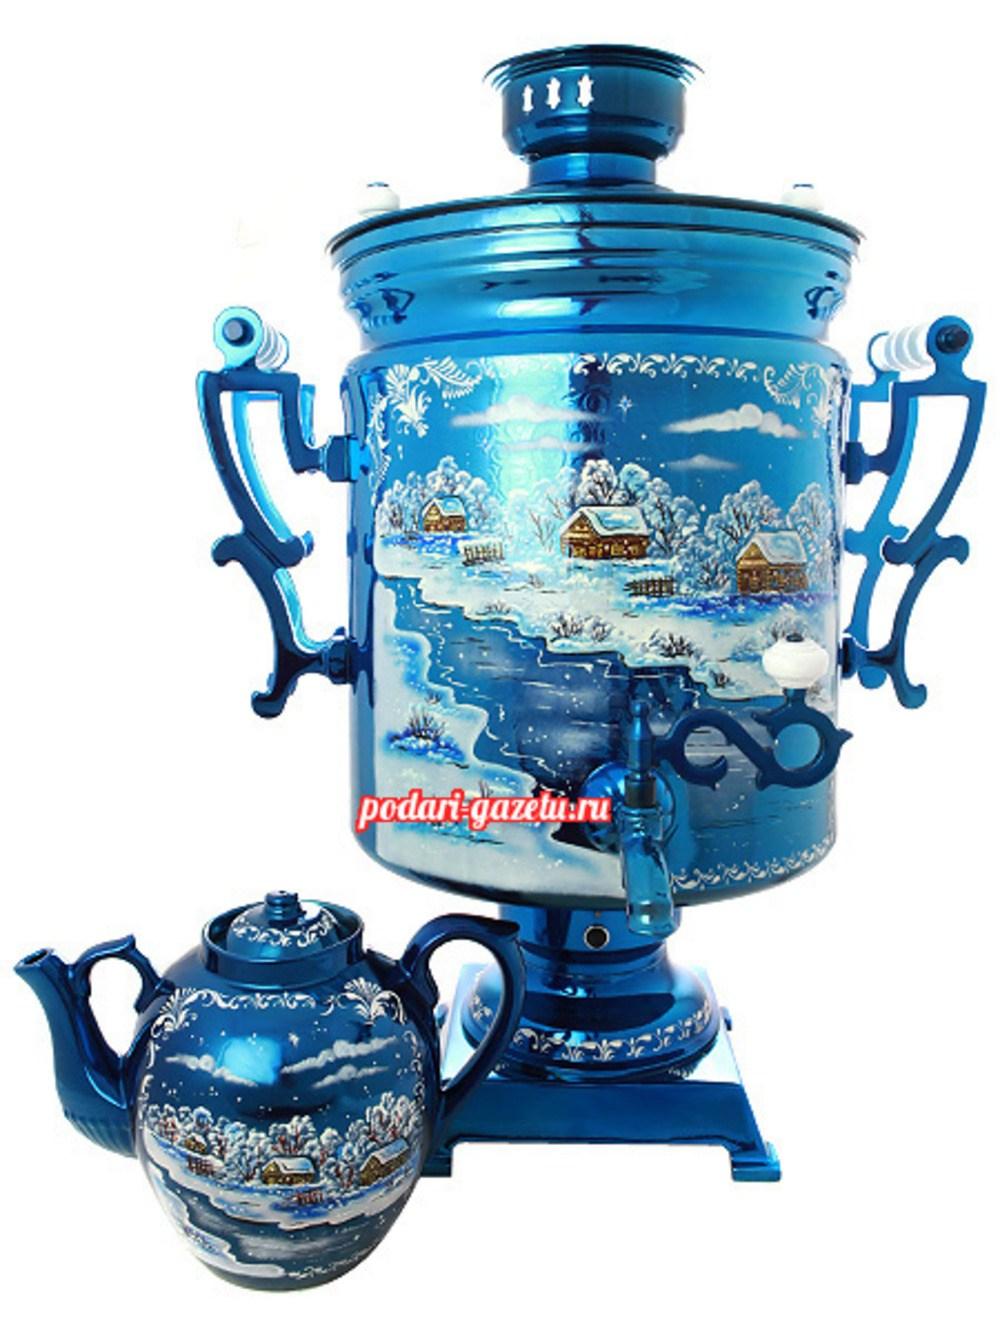 Комплект Зимний вечер: самовар электрический на 45 литров и заварочный чайник